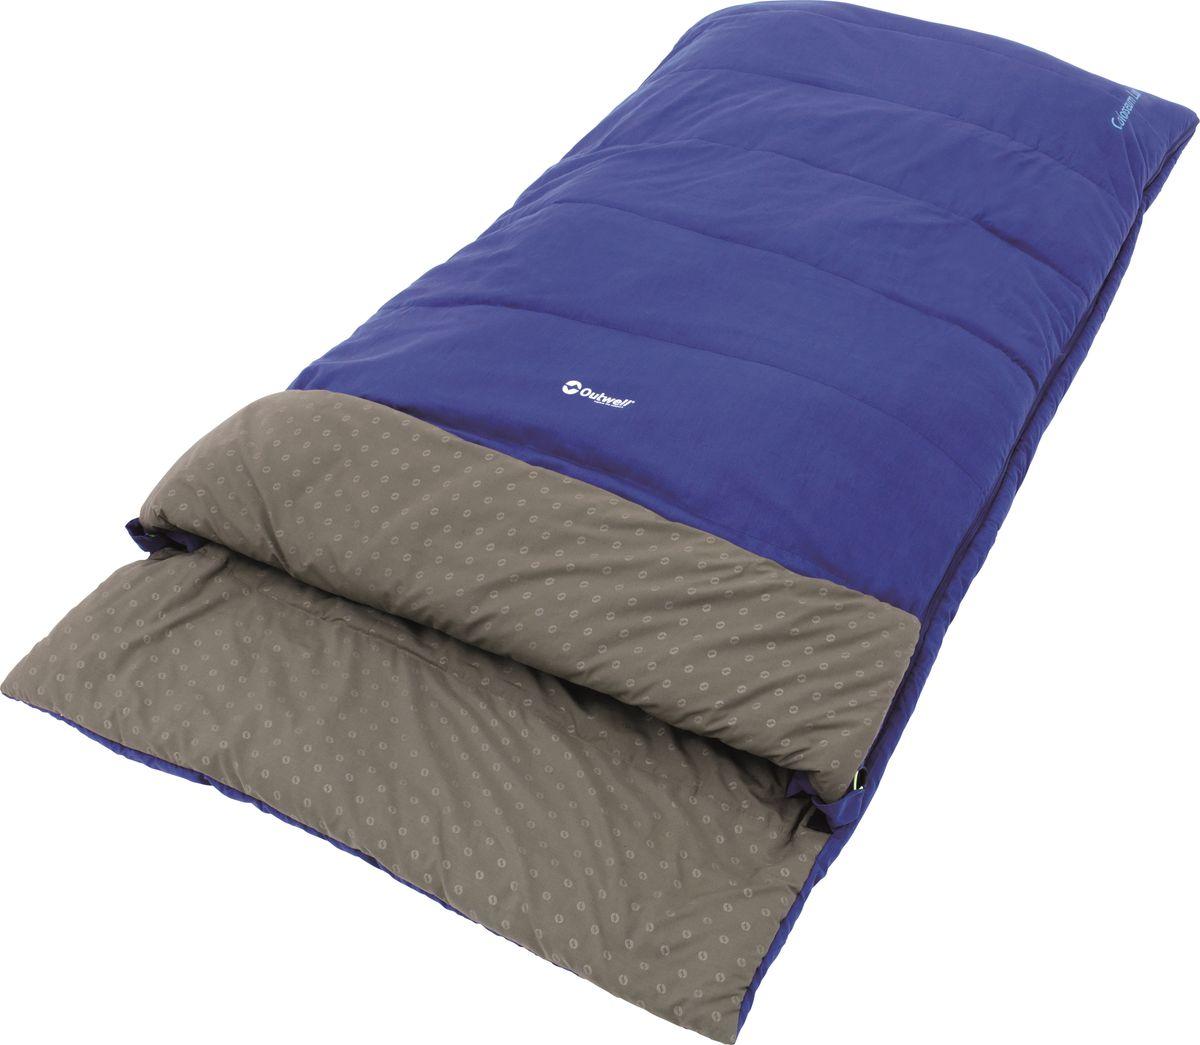 Спальный мешок Outwell  Colosseum XL , двусторонняя молния, цвет: синий, 210 x 105 см - Спальные мешки